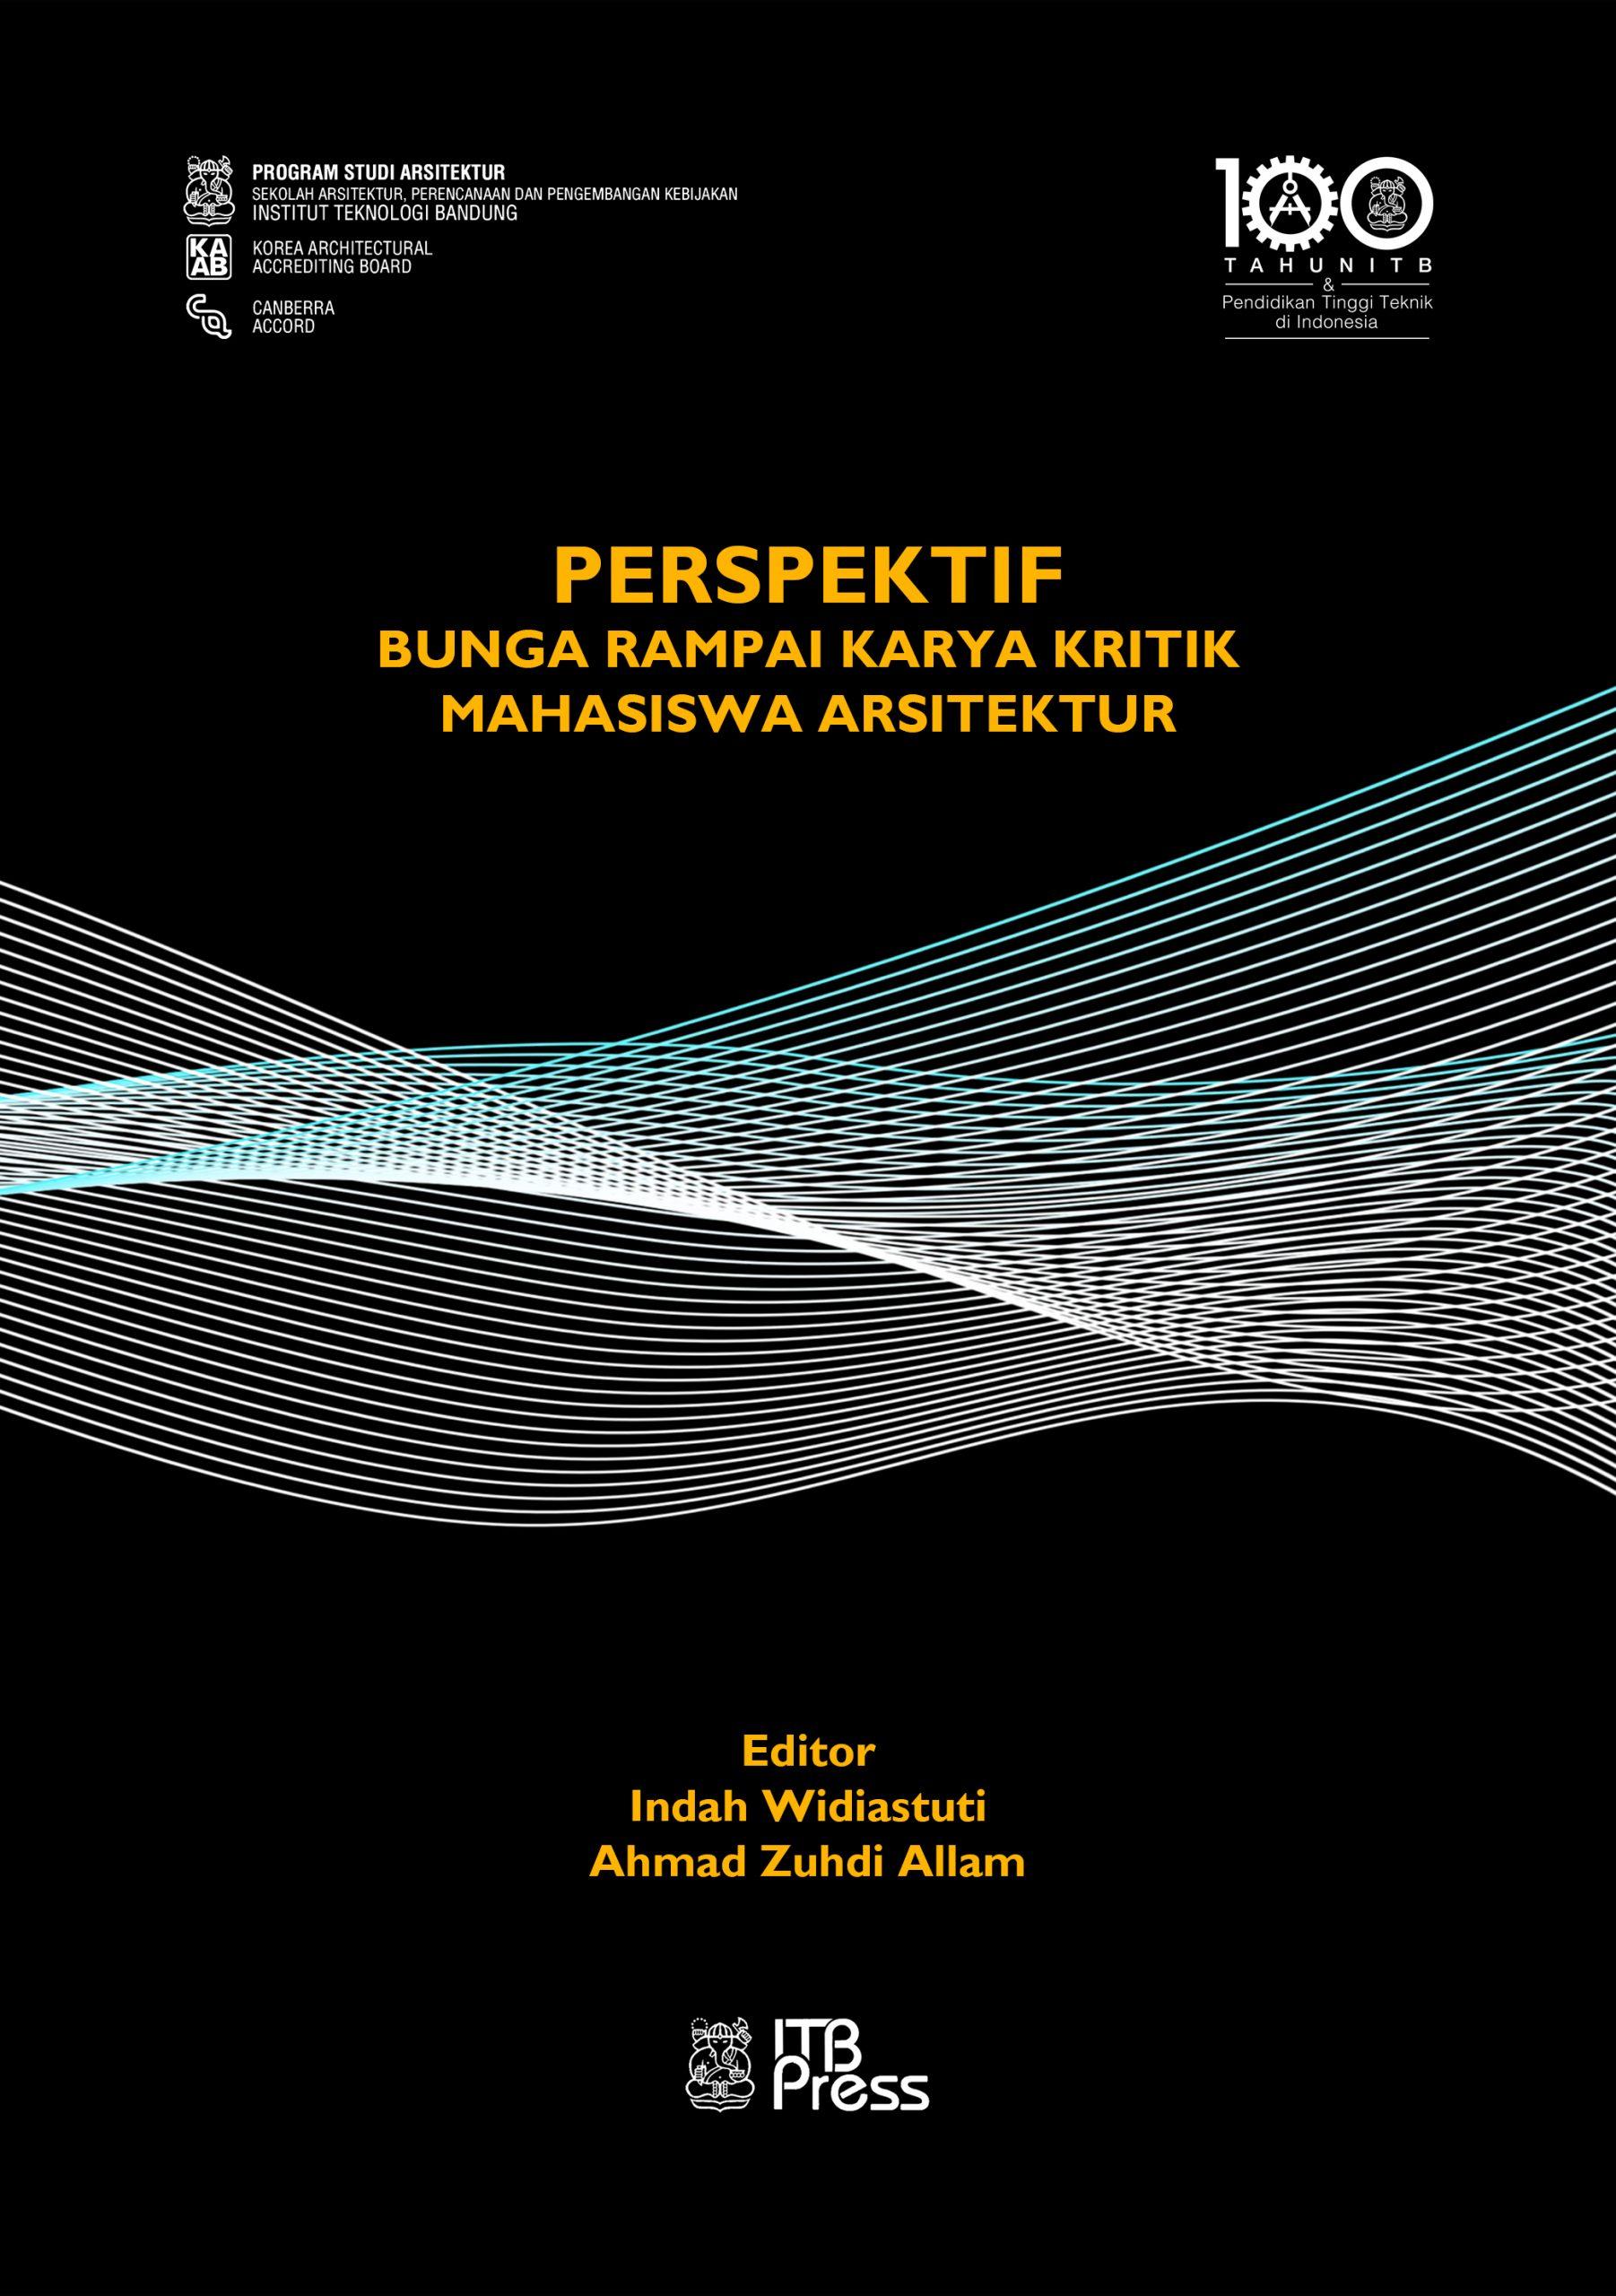 Buku Perspektif Bunga Rampai Karya Kritik Mahasiswa Arsitektur